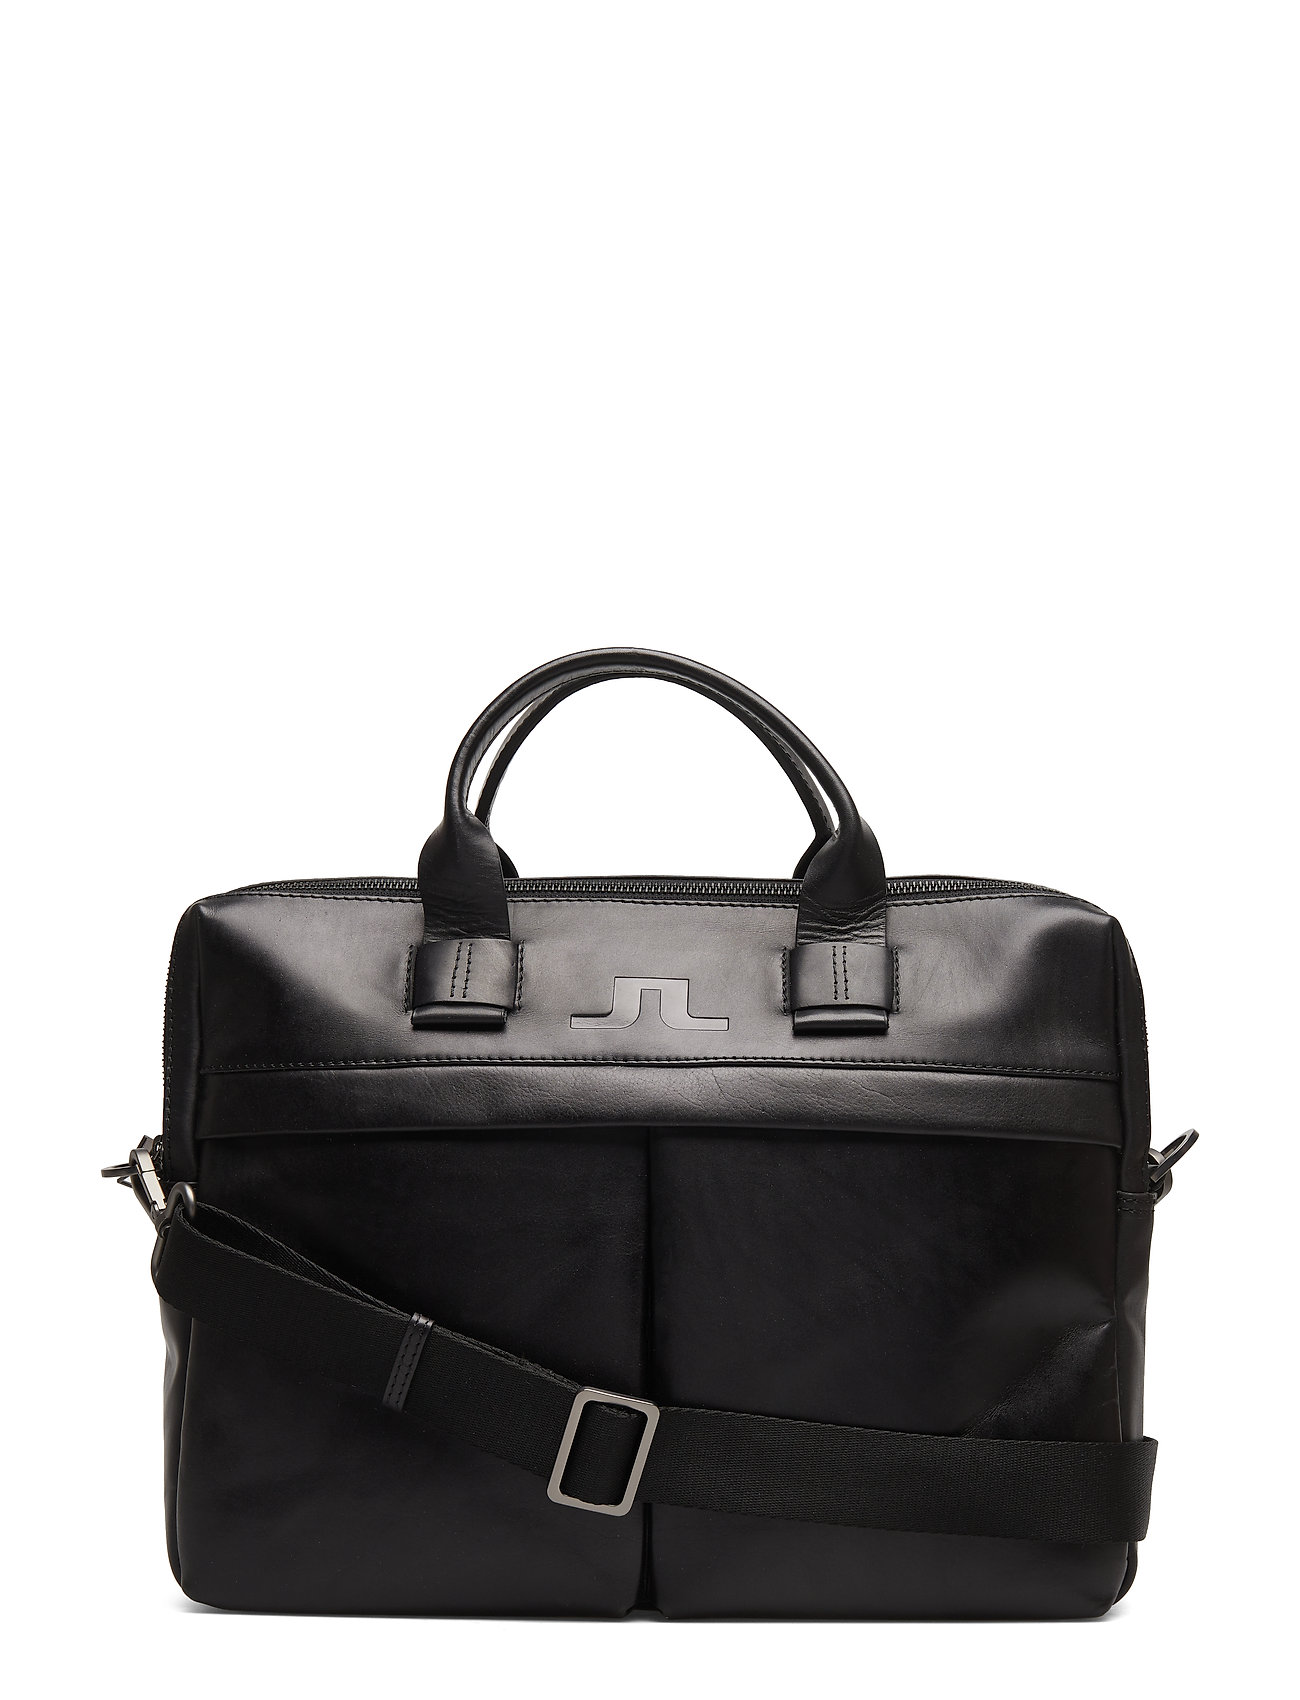 J. Lindeberg S-LAPTOP BAG 50105 Cow Leather - BLACK